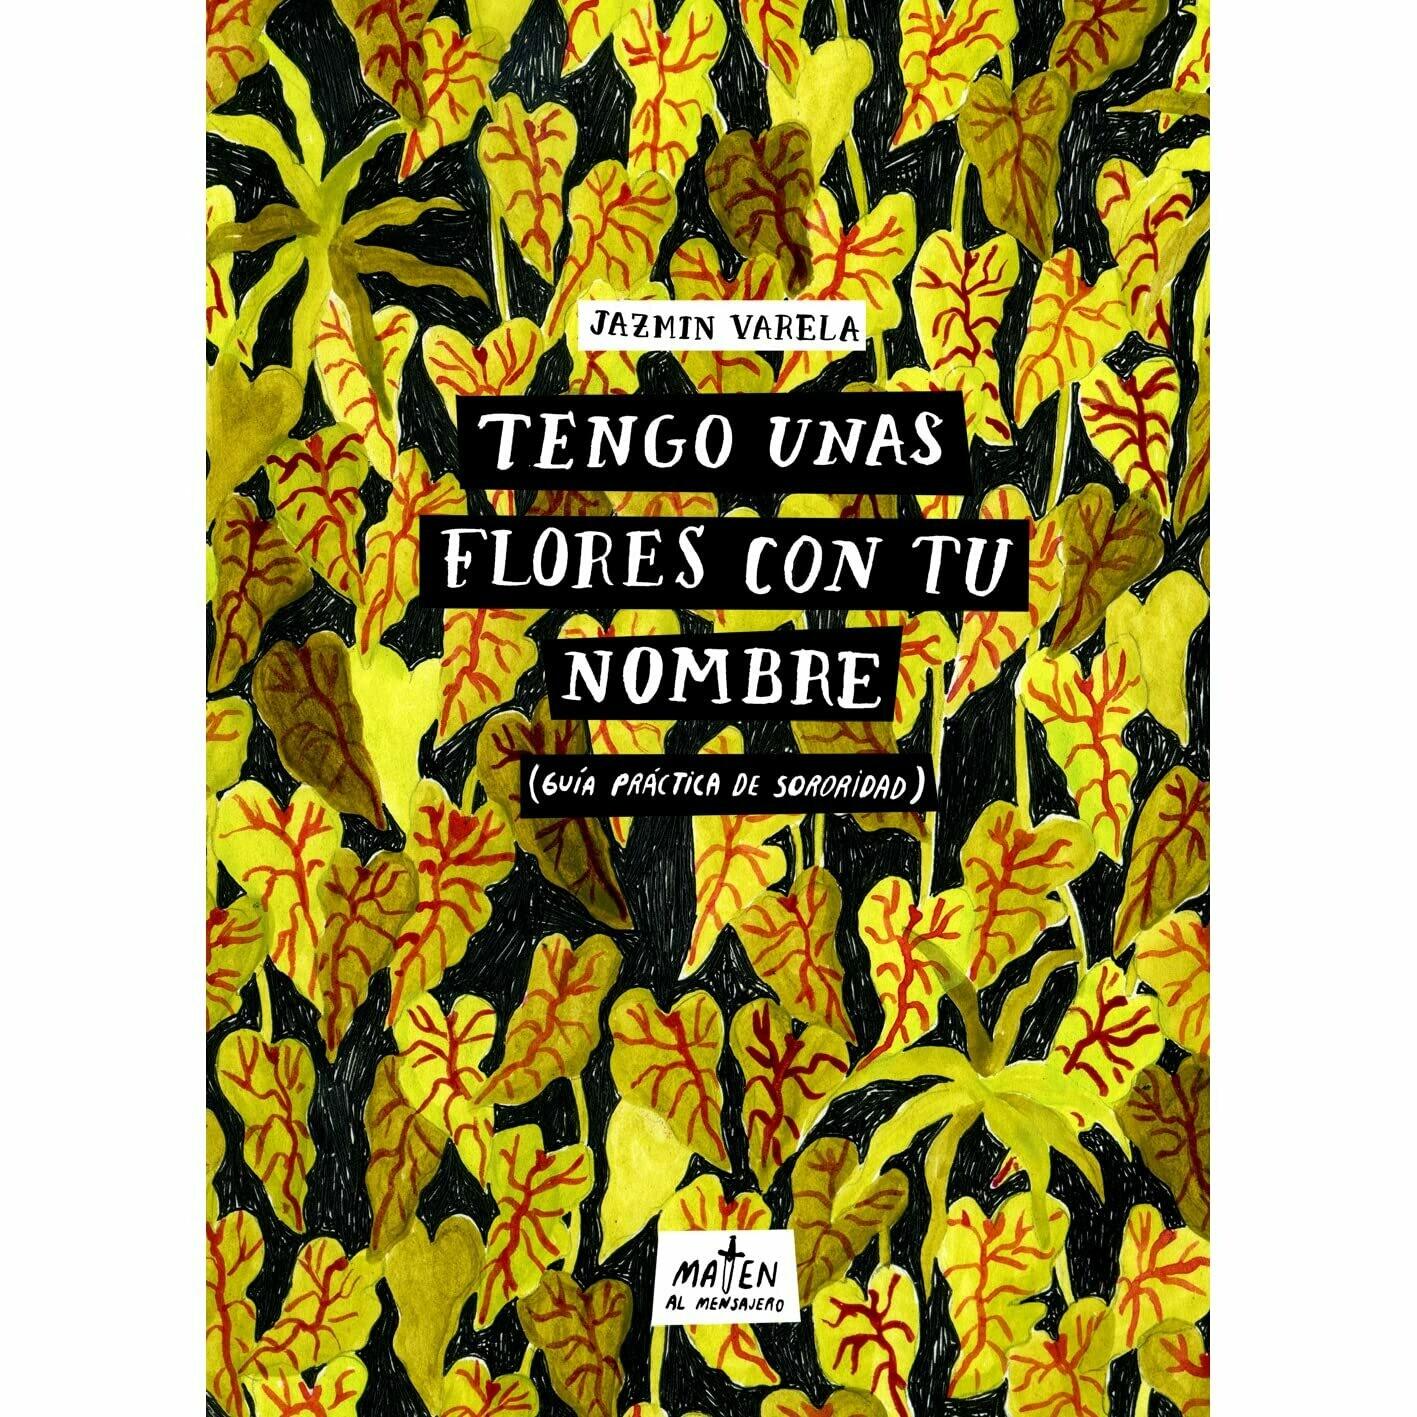 Tengo unas flores con tu nombre by Jazmín Varela